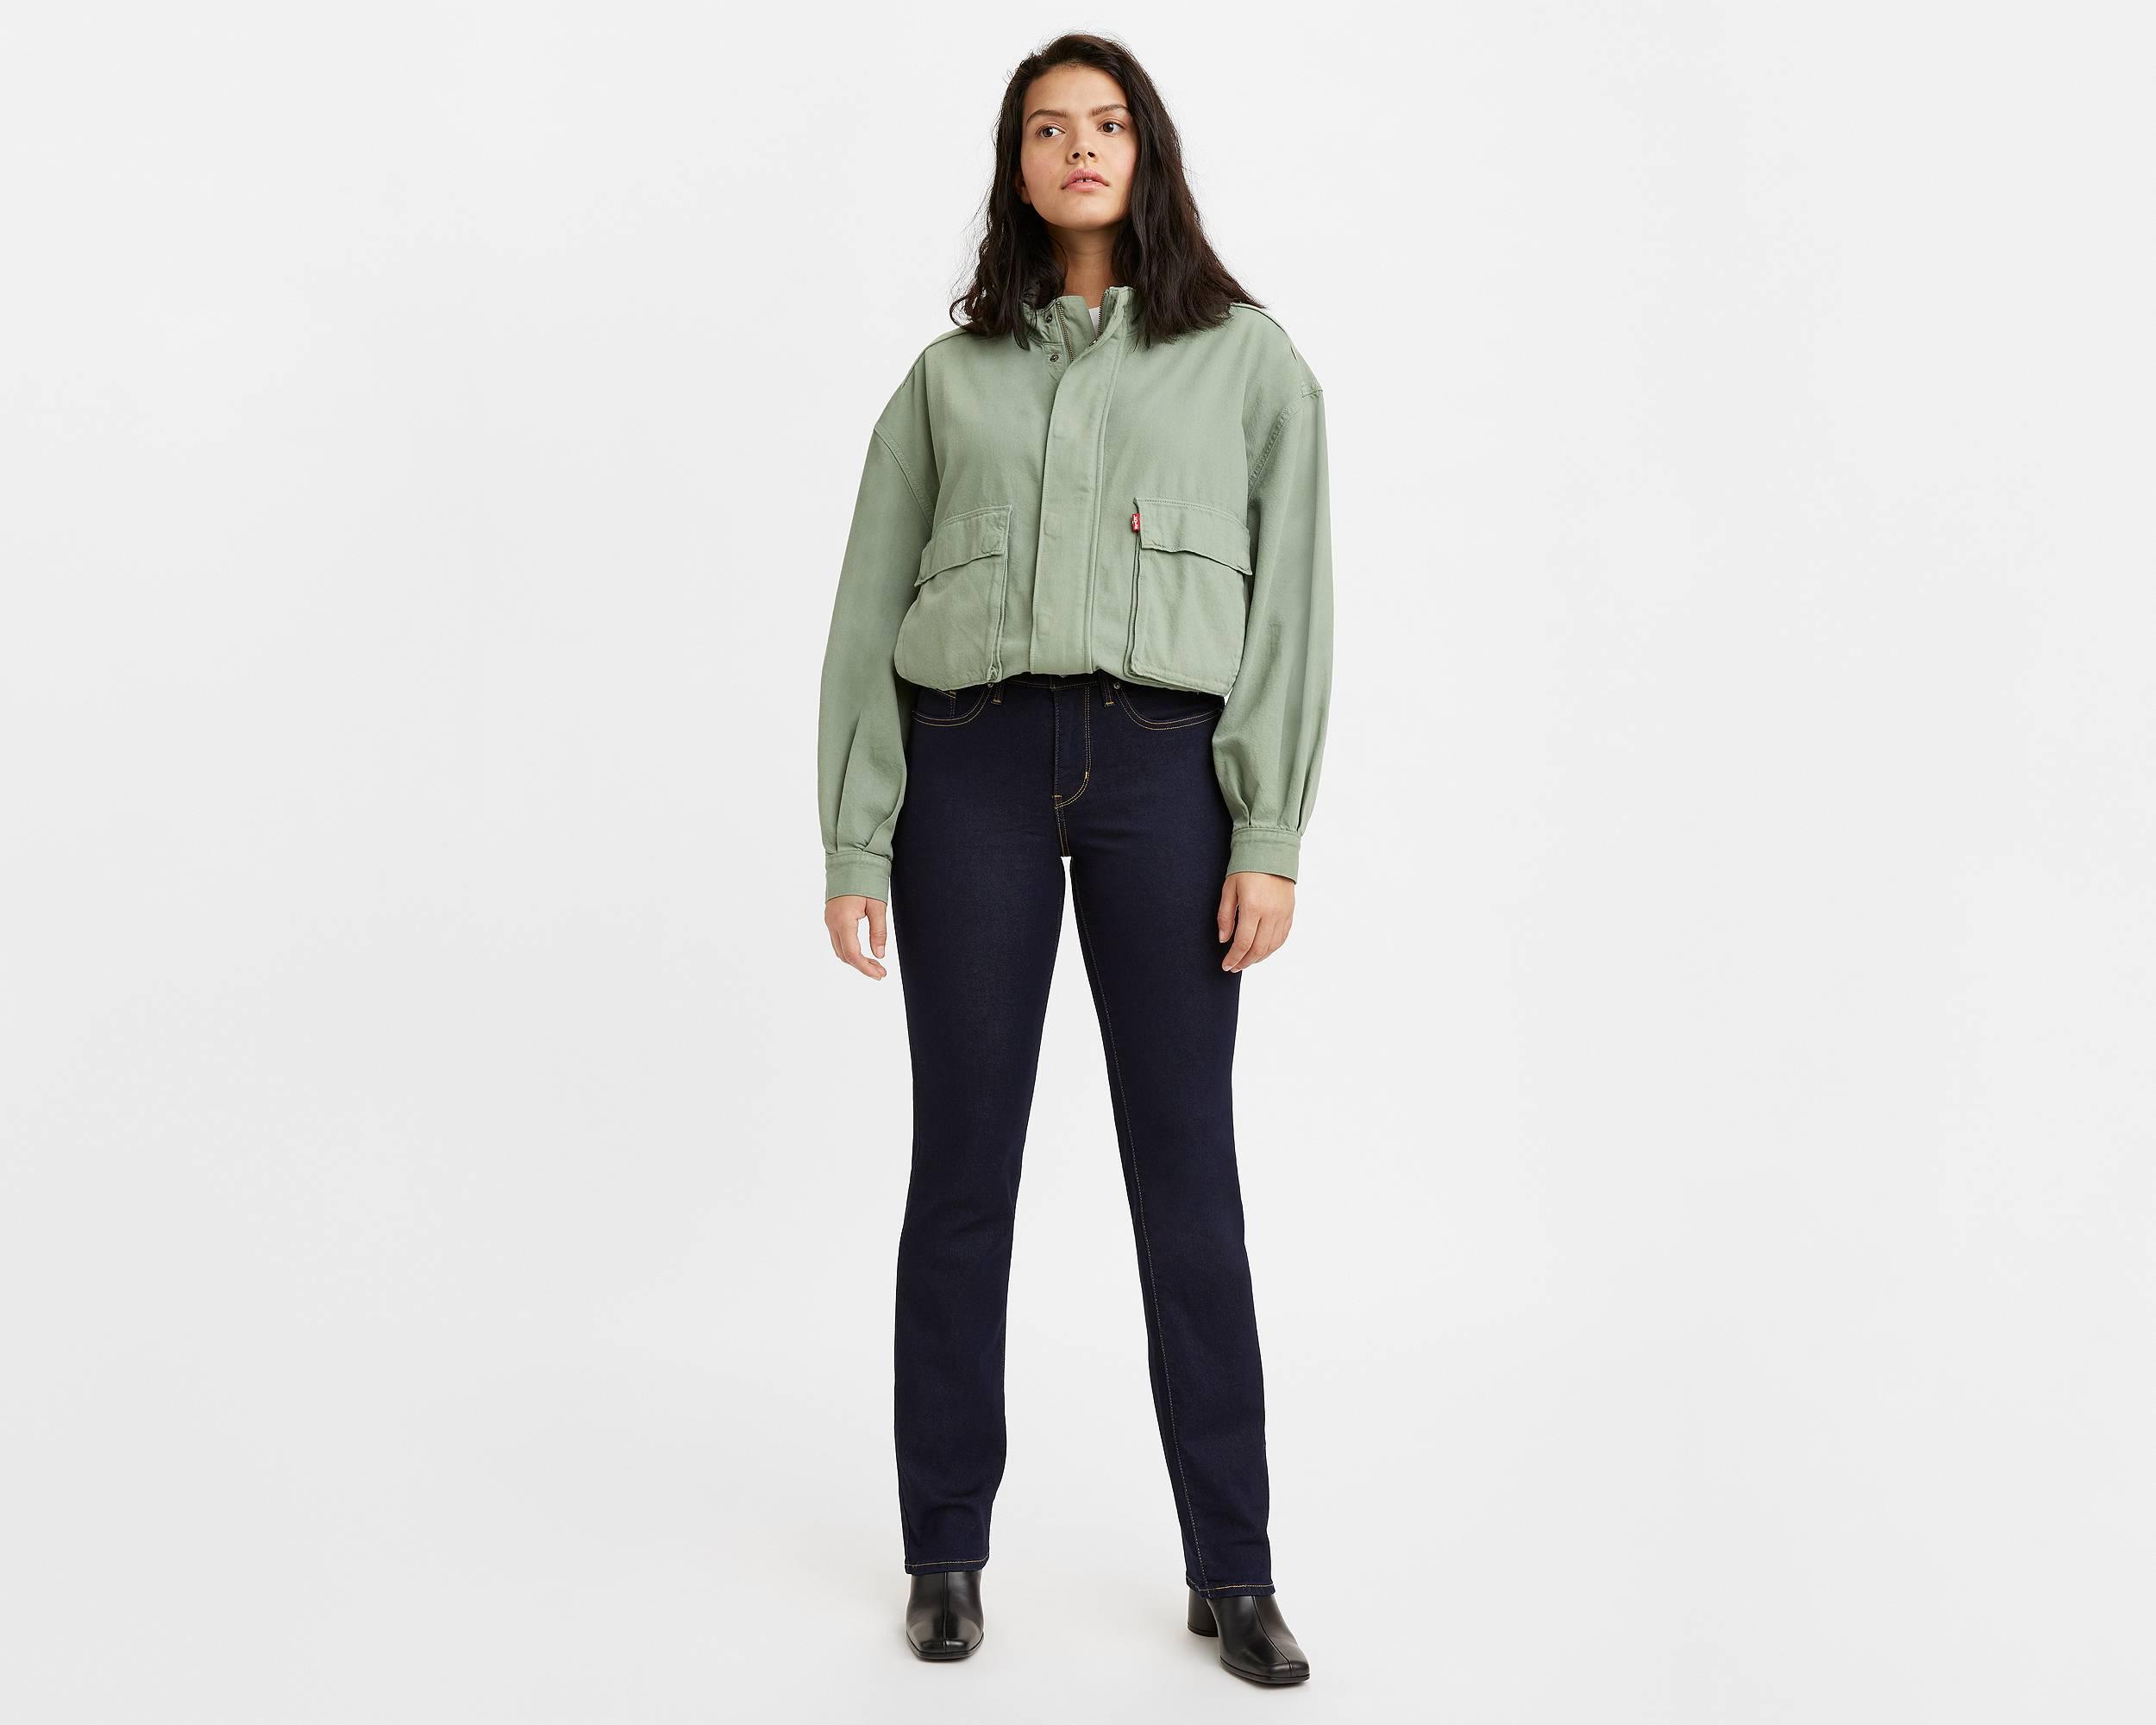 Petite Jeans - Shop Levi&39s Jeans for Petite Women  Levi&39s®